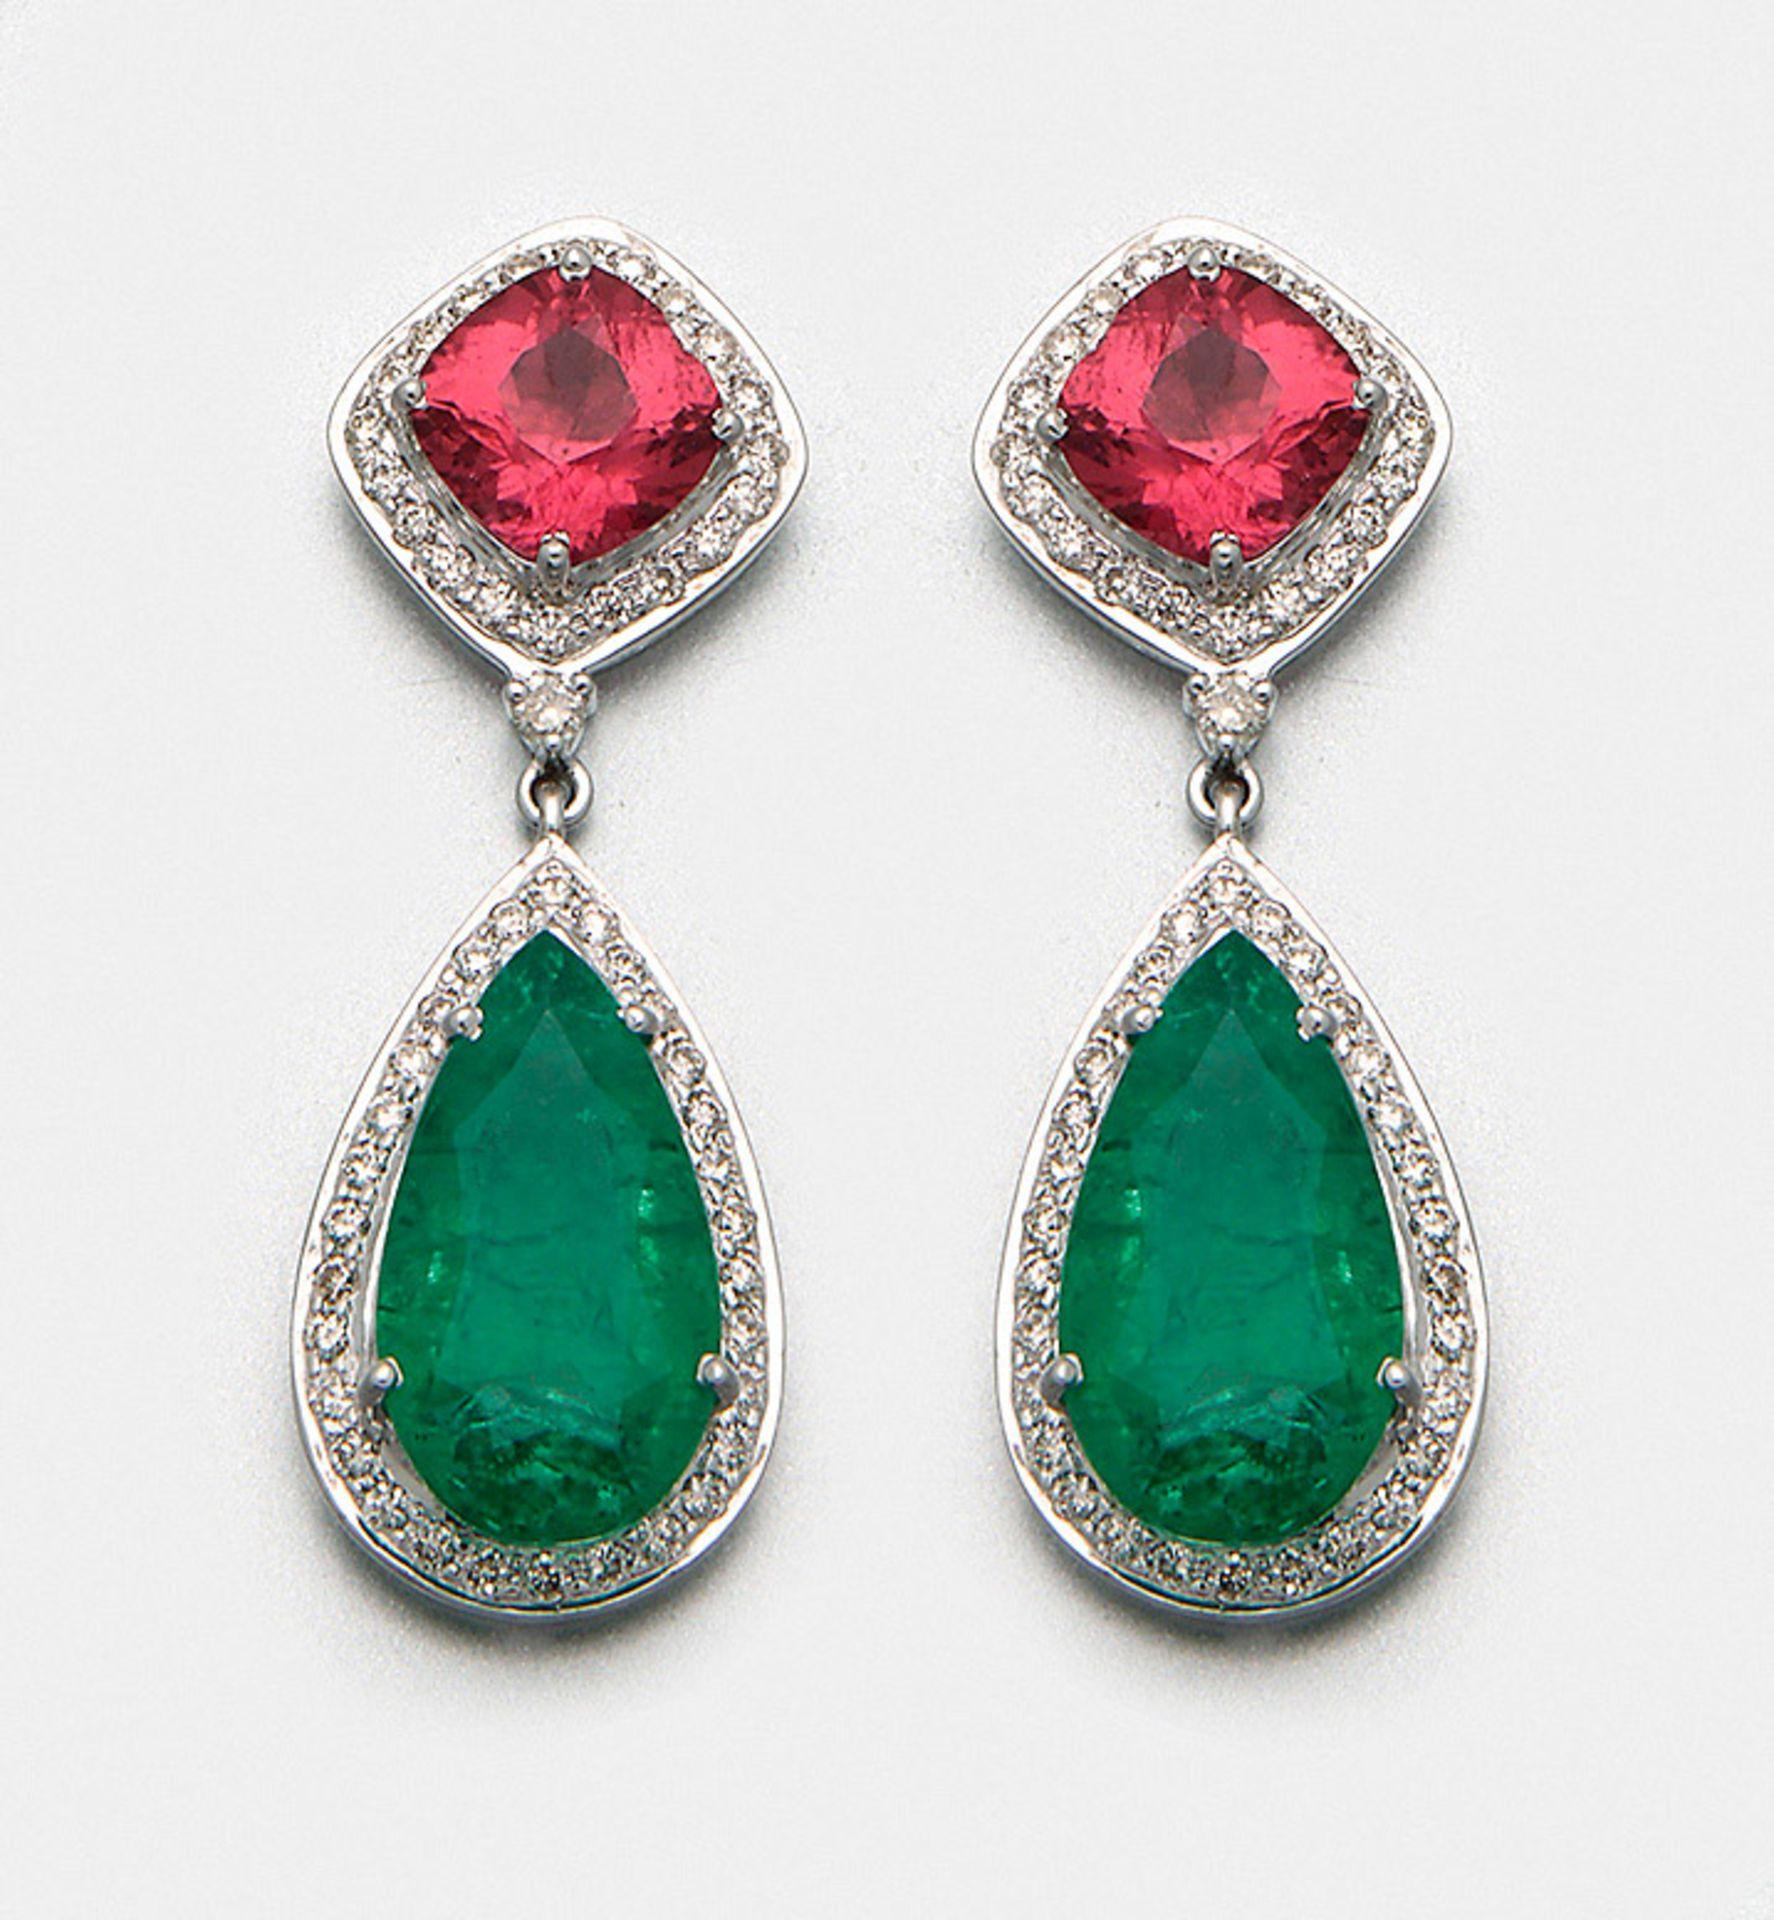 Paar elegante Smaragd-Turmalin-Ohrgehänge